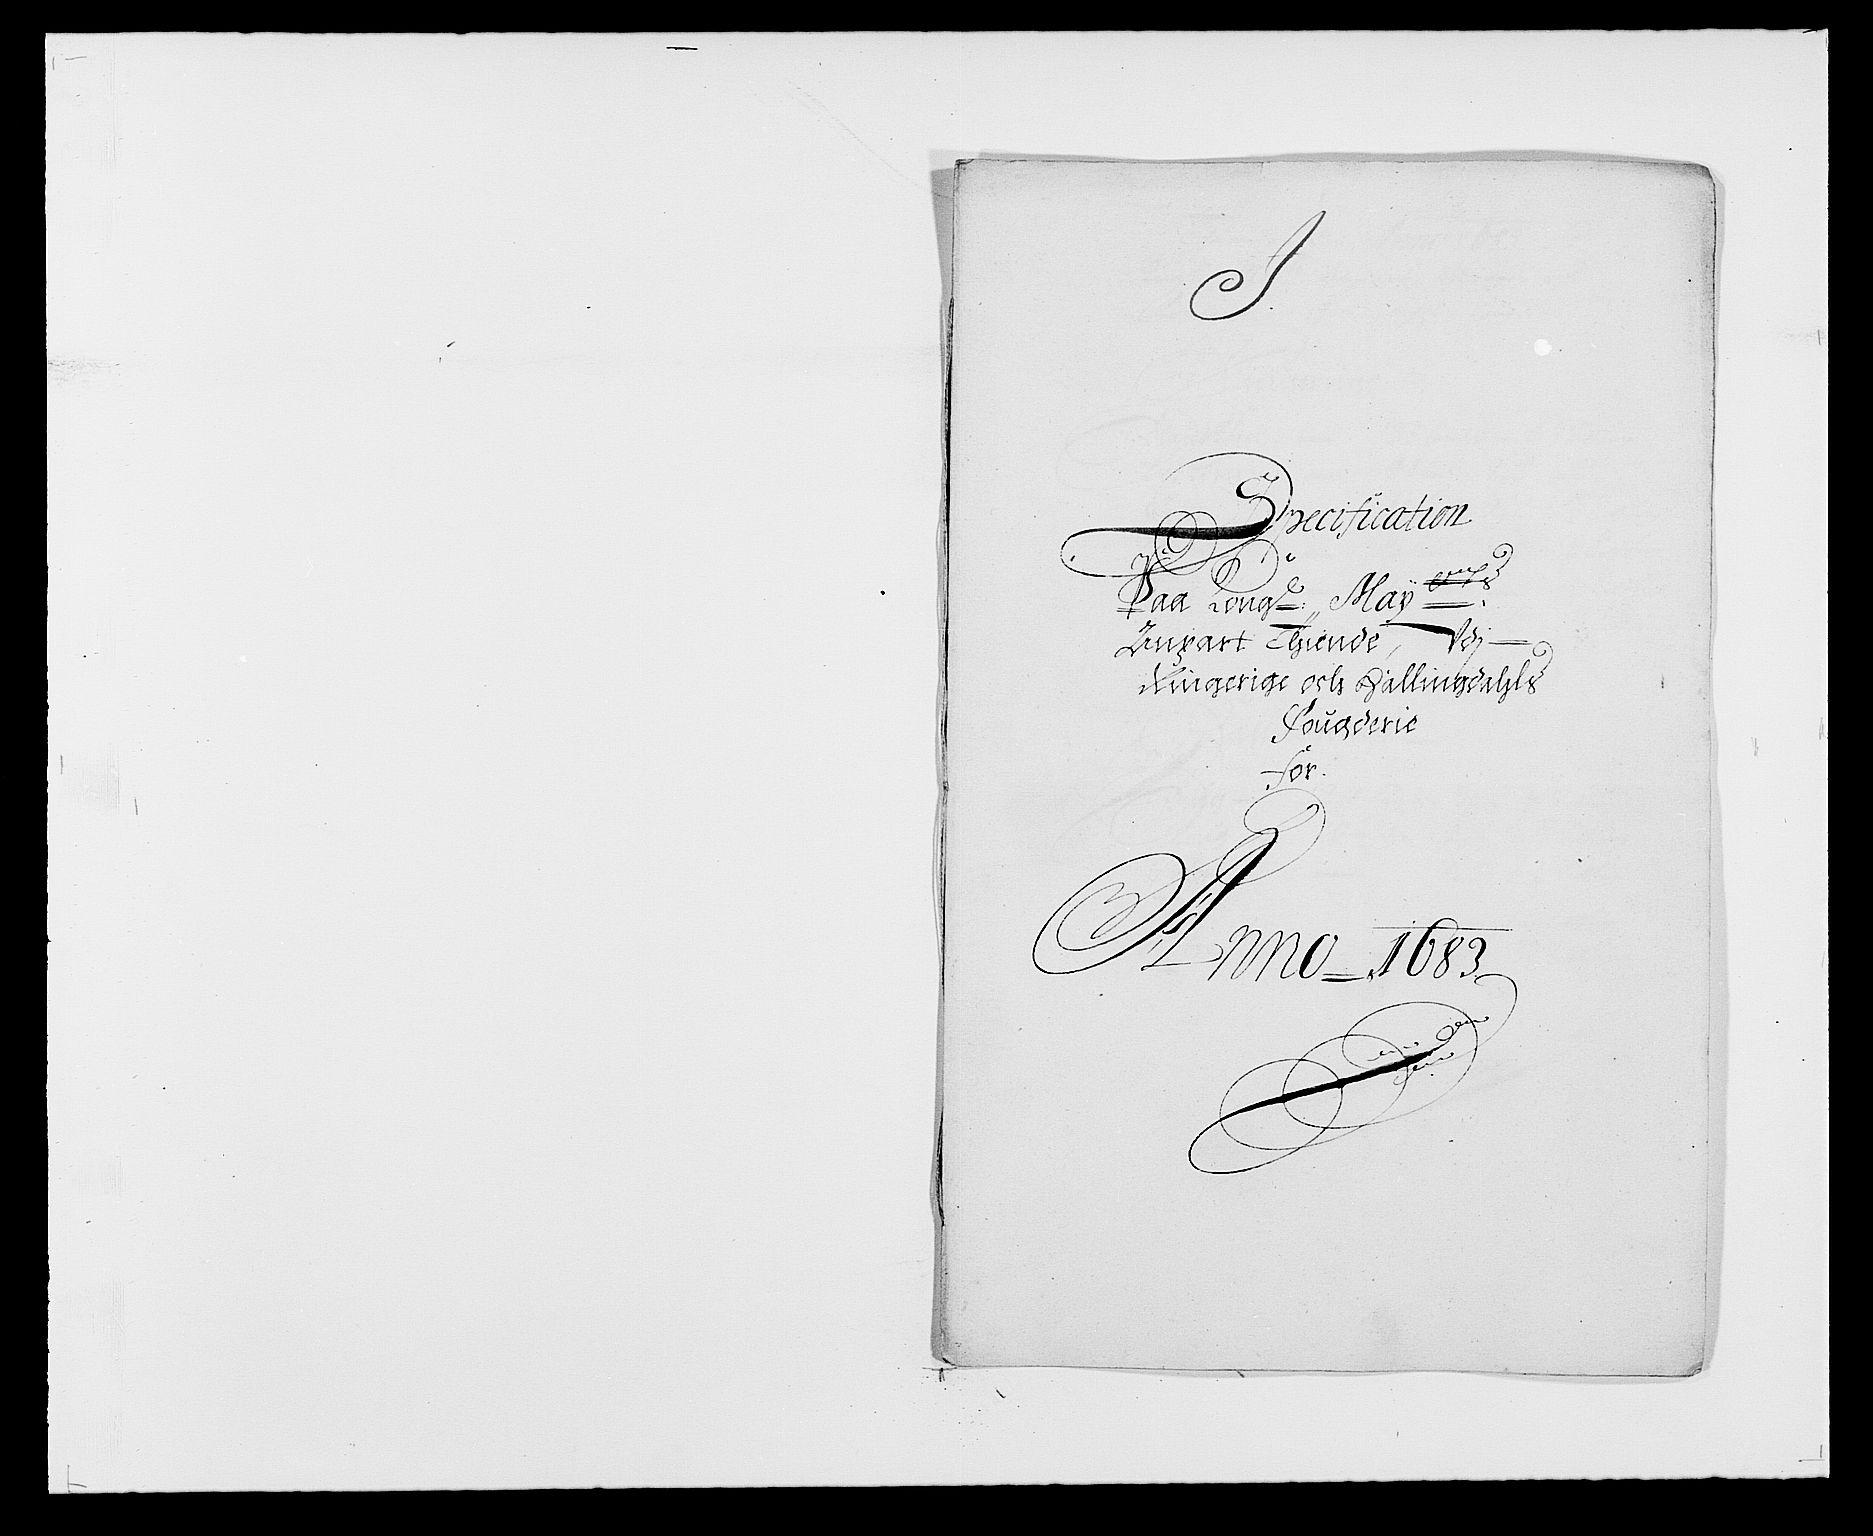 RA, Rentekammeret inntil 1814, Reviderte regnskaper, Fogderegnskap, R21/L1446: Fogderegnskap Ringerike og Hallingdal, 1683-1686, s. 123